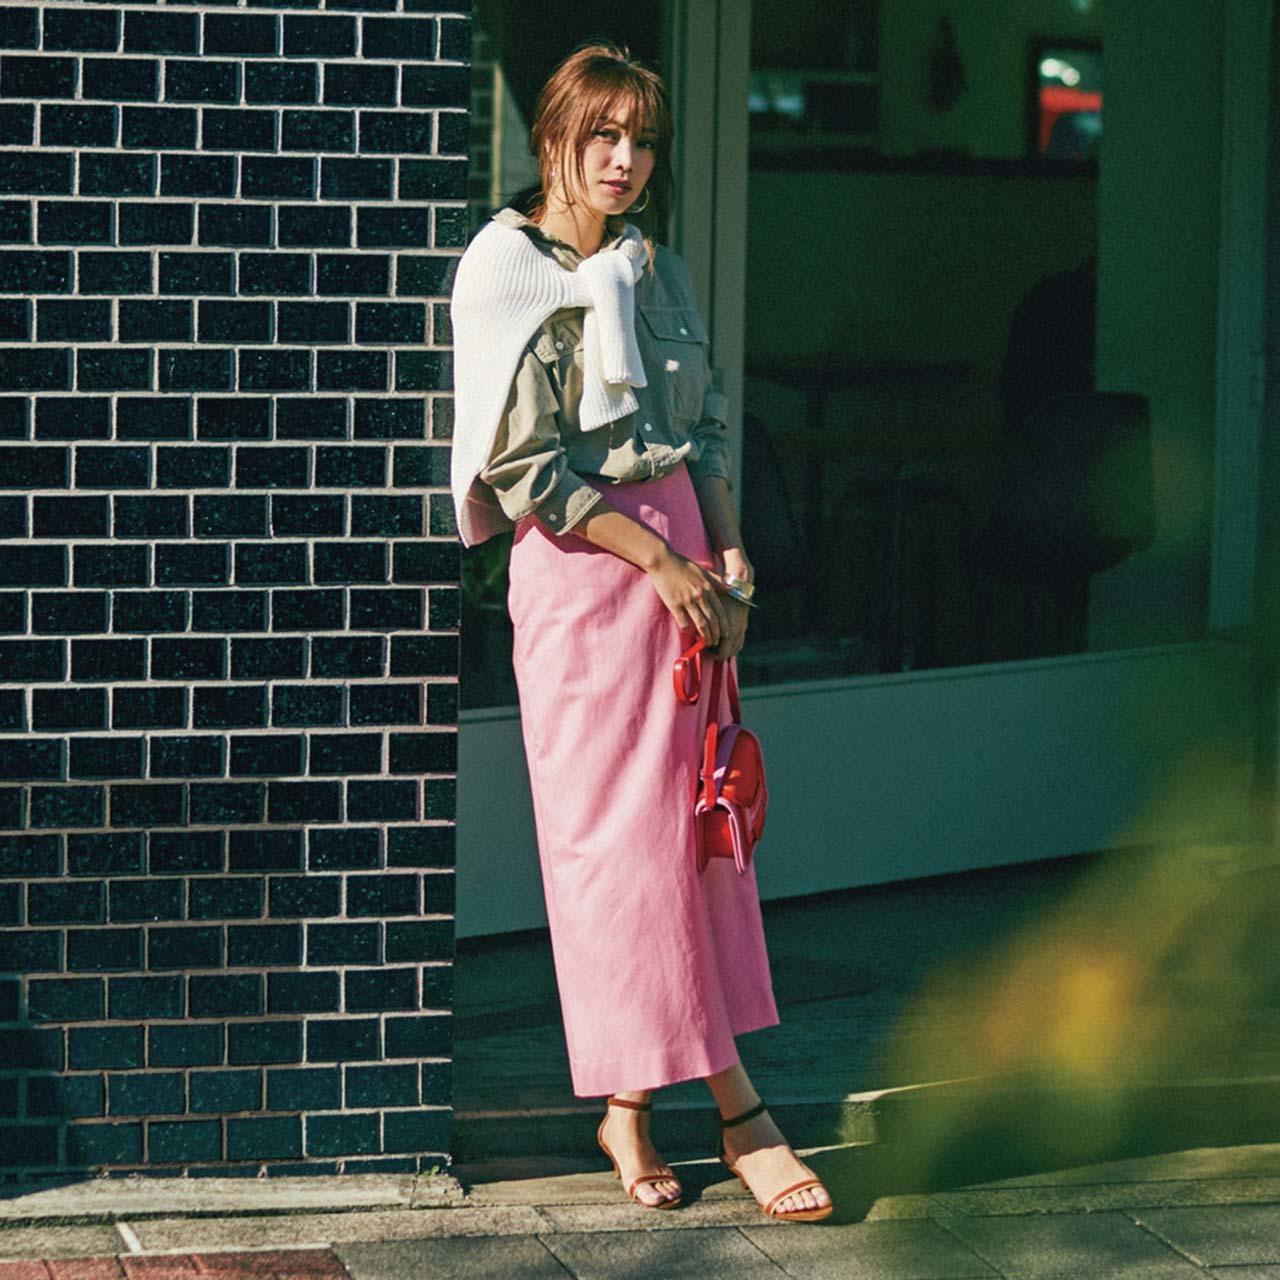 ベージュのシャツ×ピンクのロングスカートコーデを着たモデルの蛯原友里さん